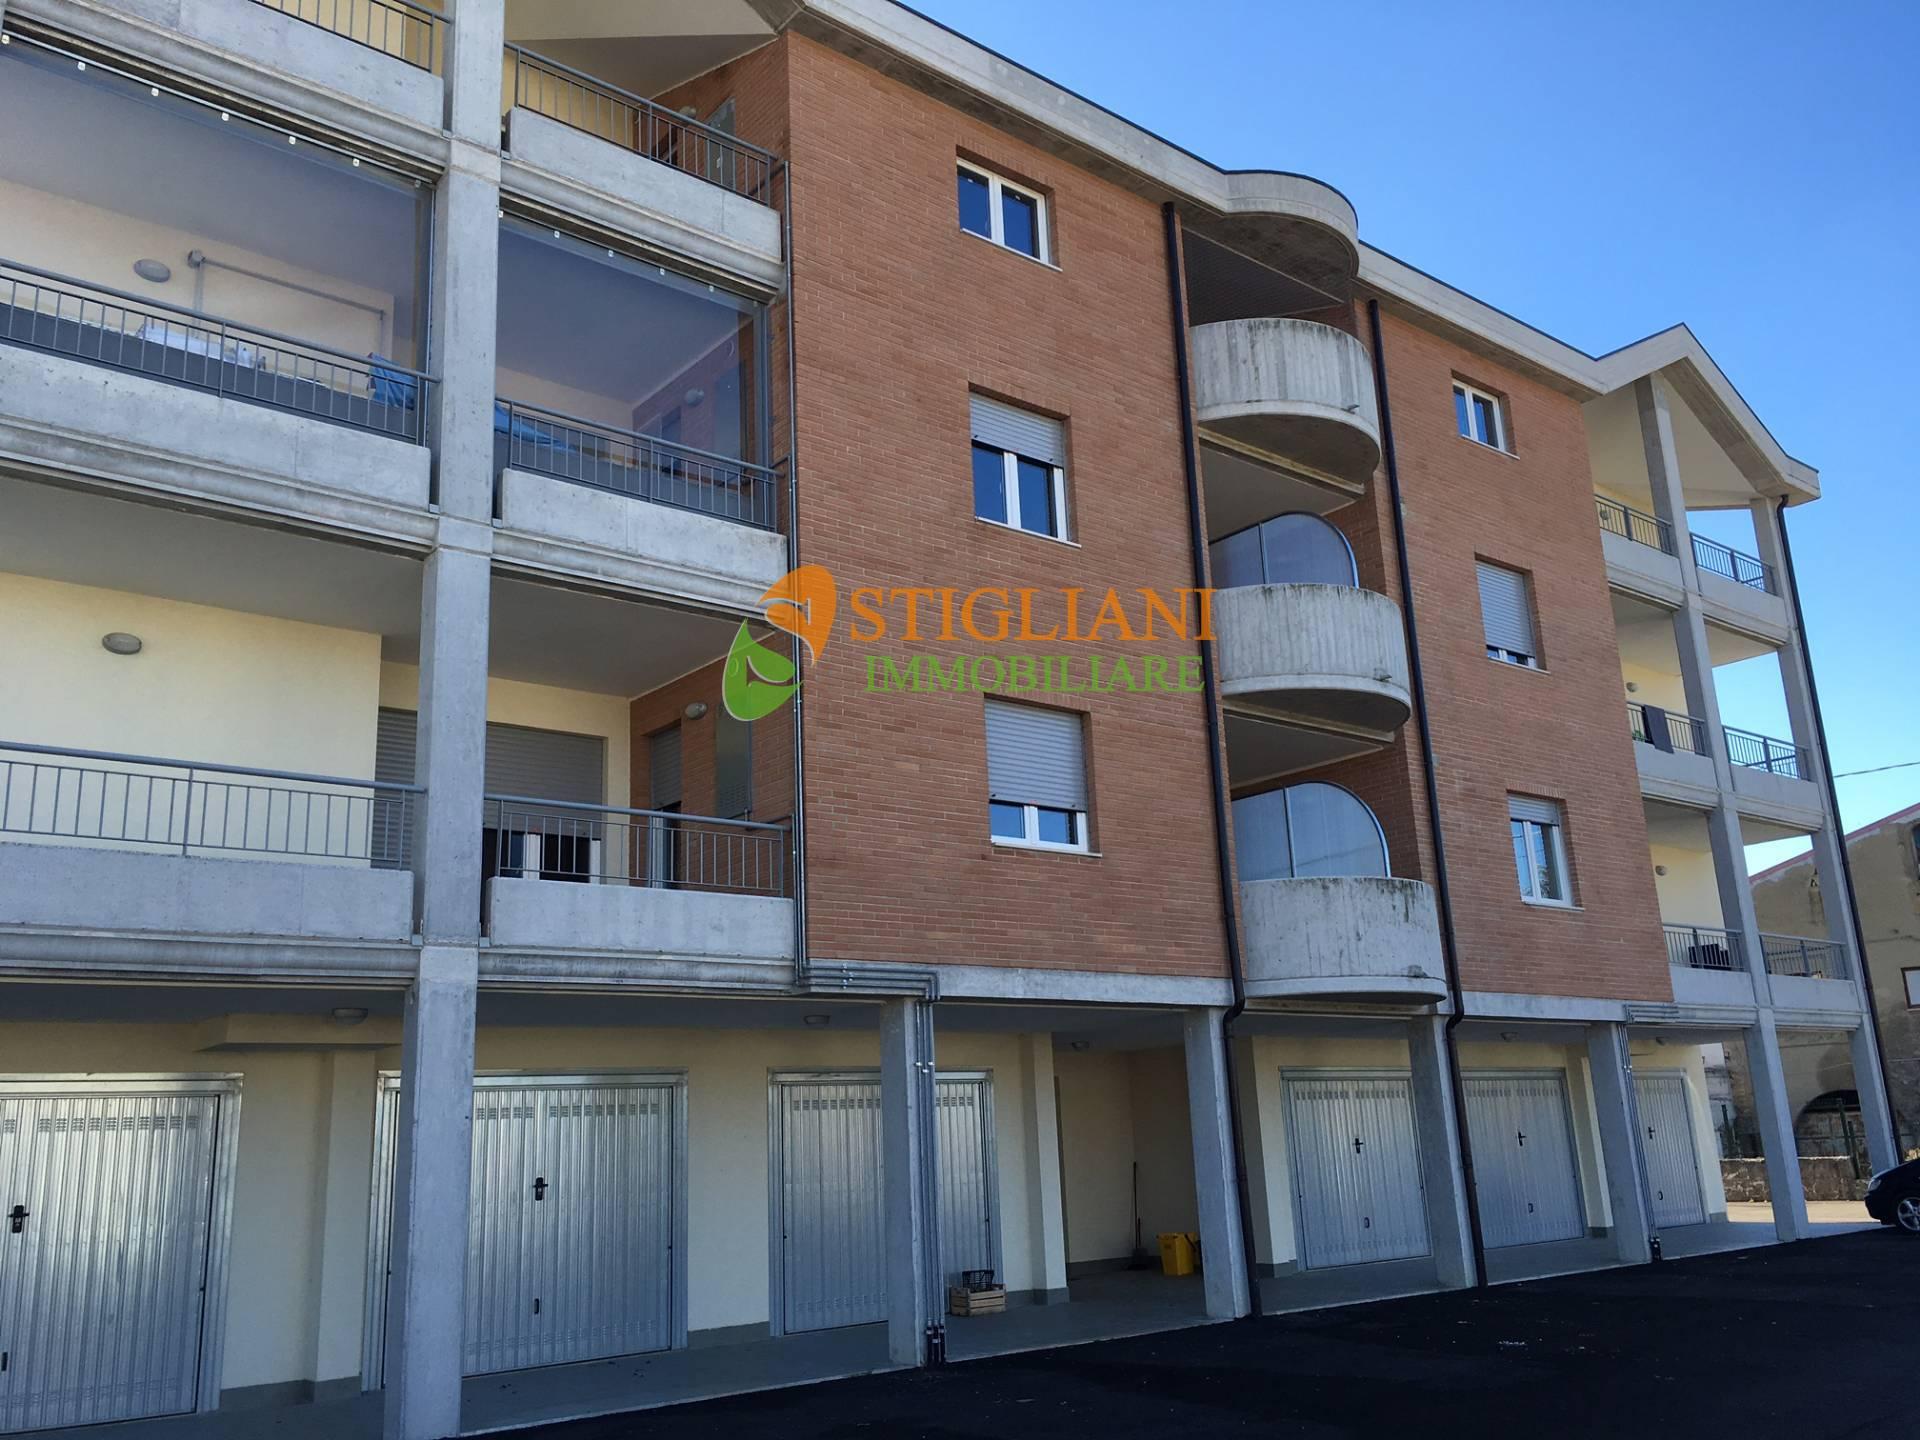 Appartamento in vendita a Baranello, 4 locali, zona Località: C.daGaudo, prezzo € 110.000   CambioCasa.it